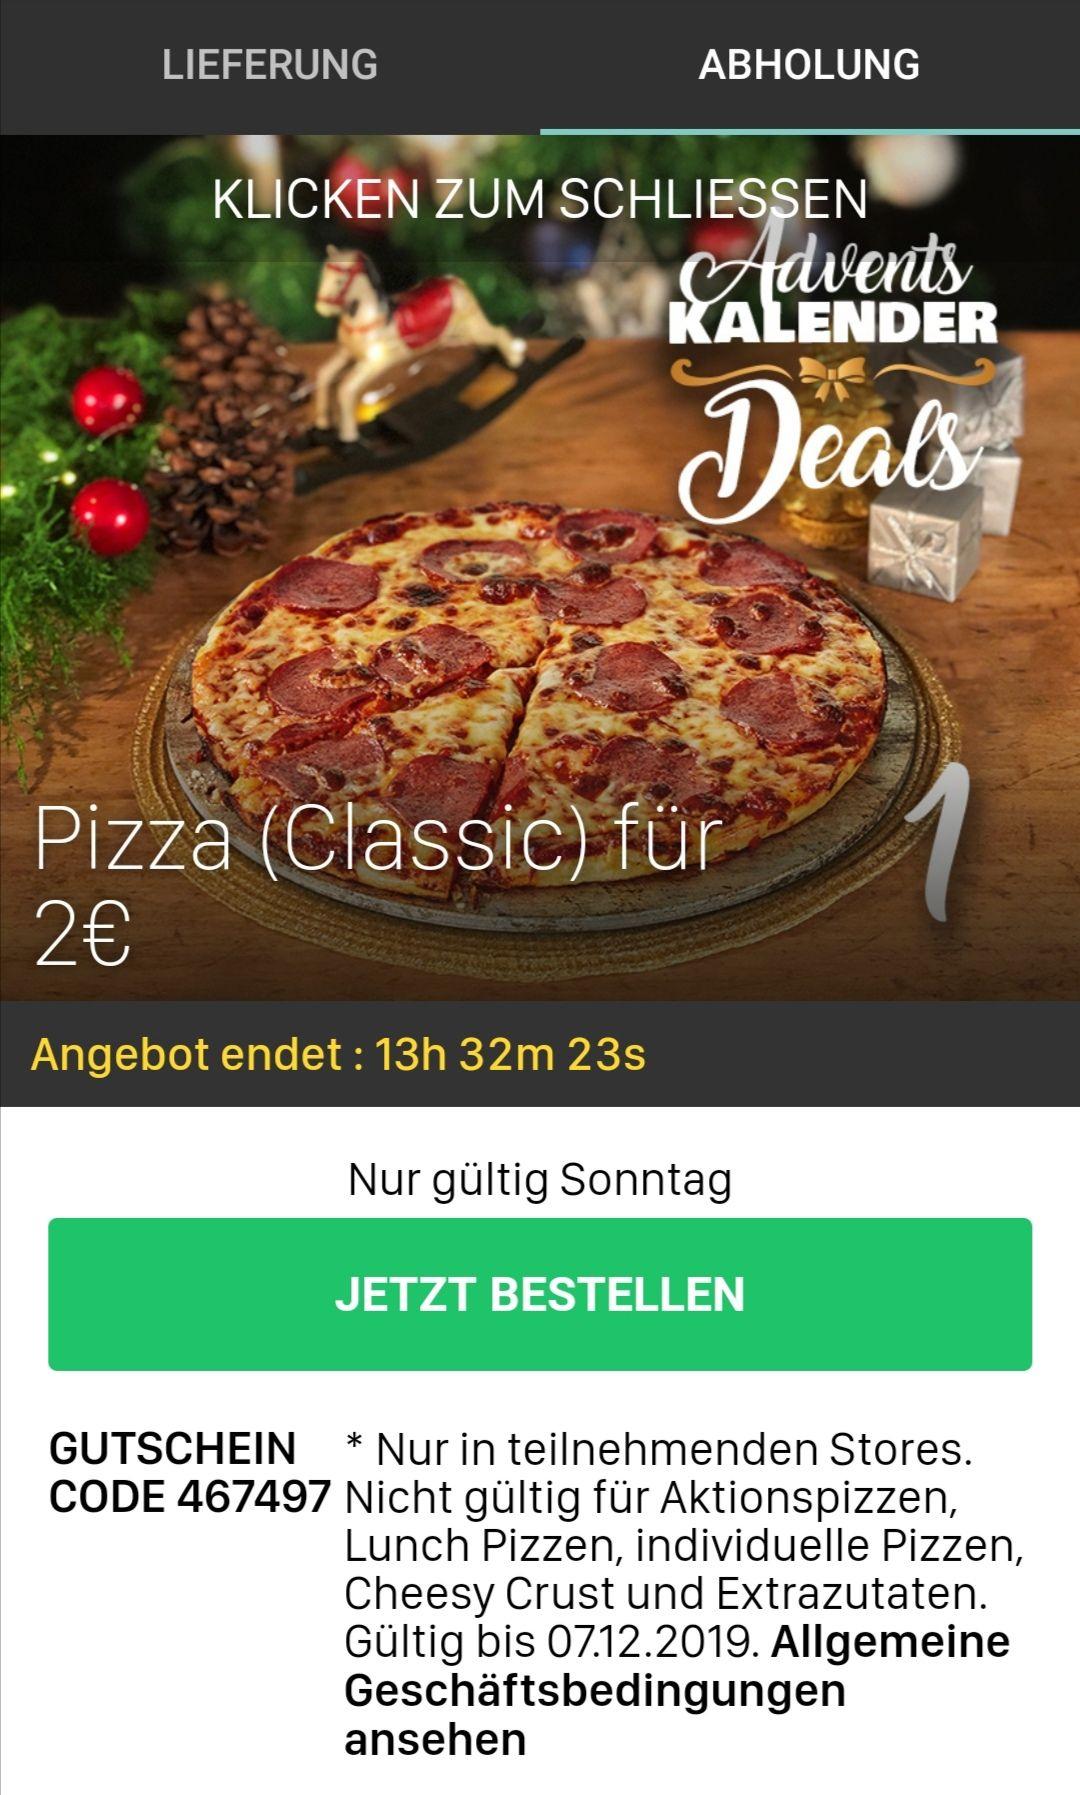 Domino's Pizza Klassiker (Größe Classic) für nur 2€ bei Abholung